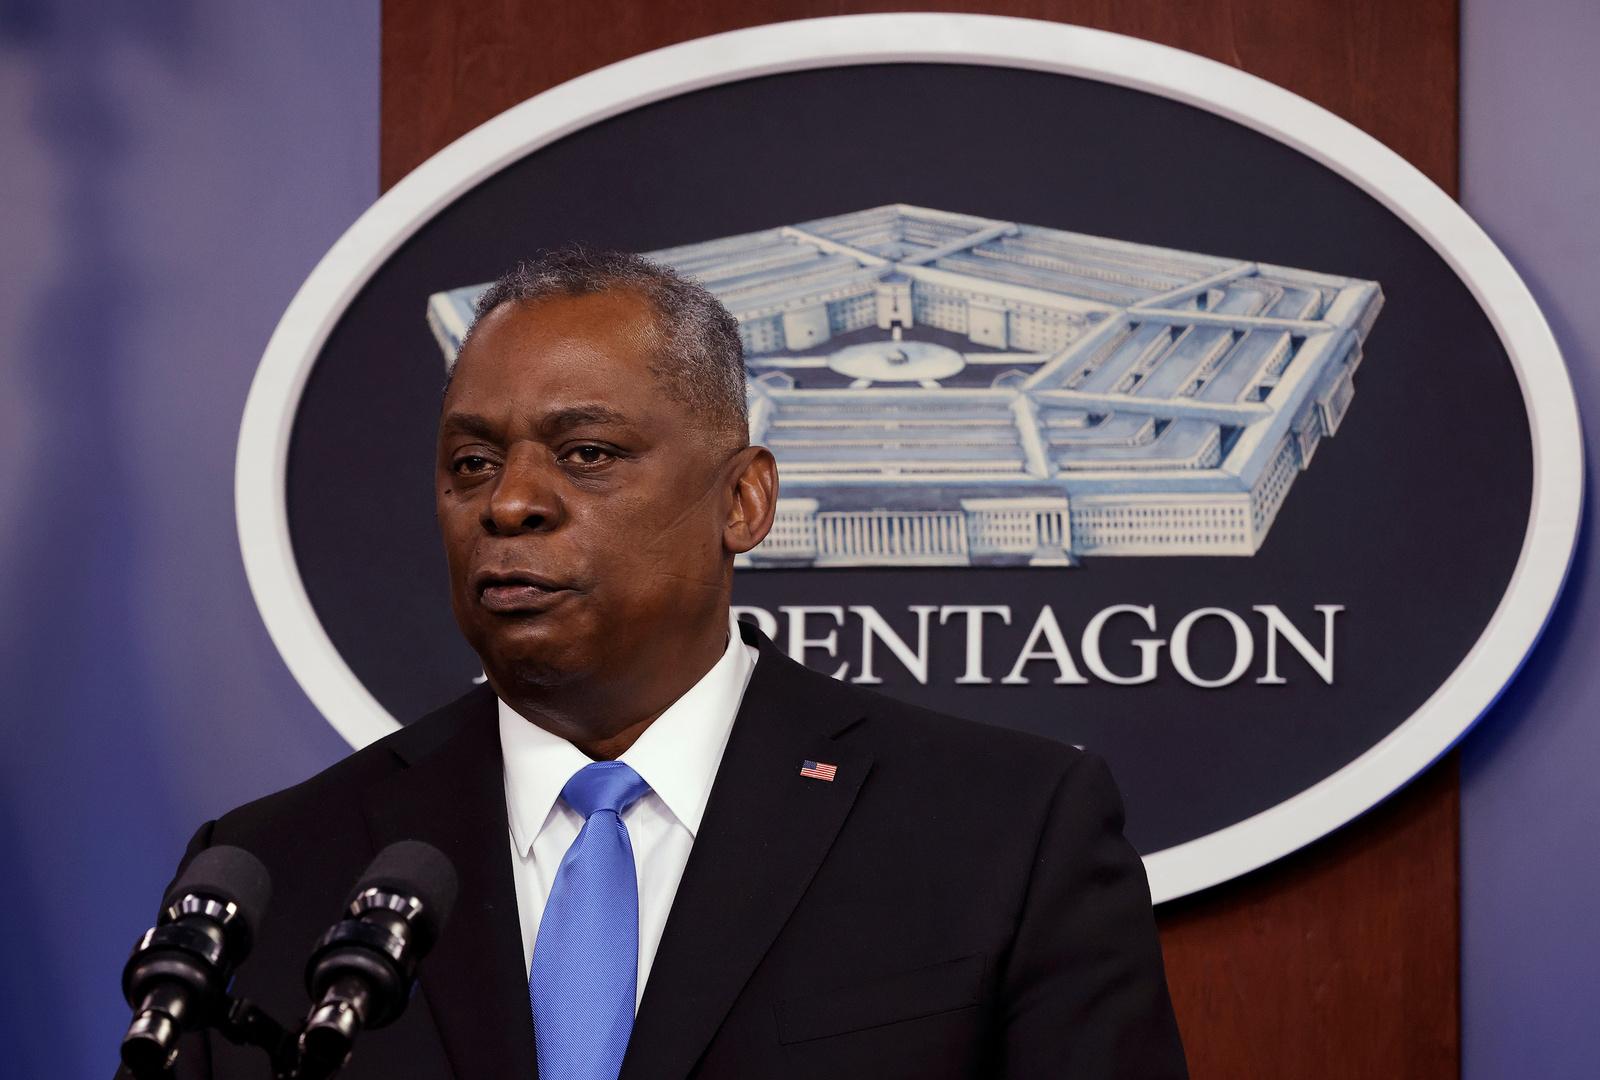 وزير الدفاع الأمريكي يؤكد لكييف تمسك واشنطن بدعمها في مواجهة